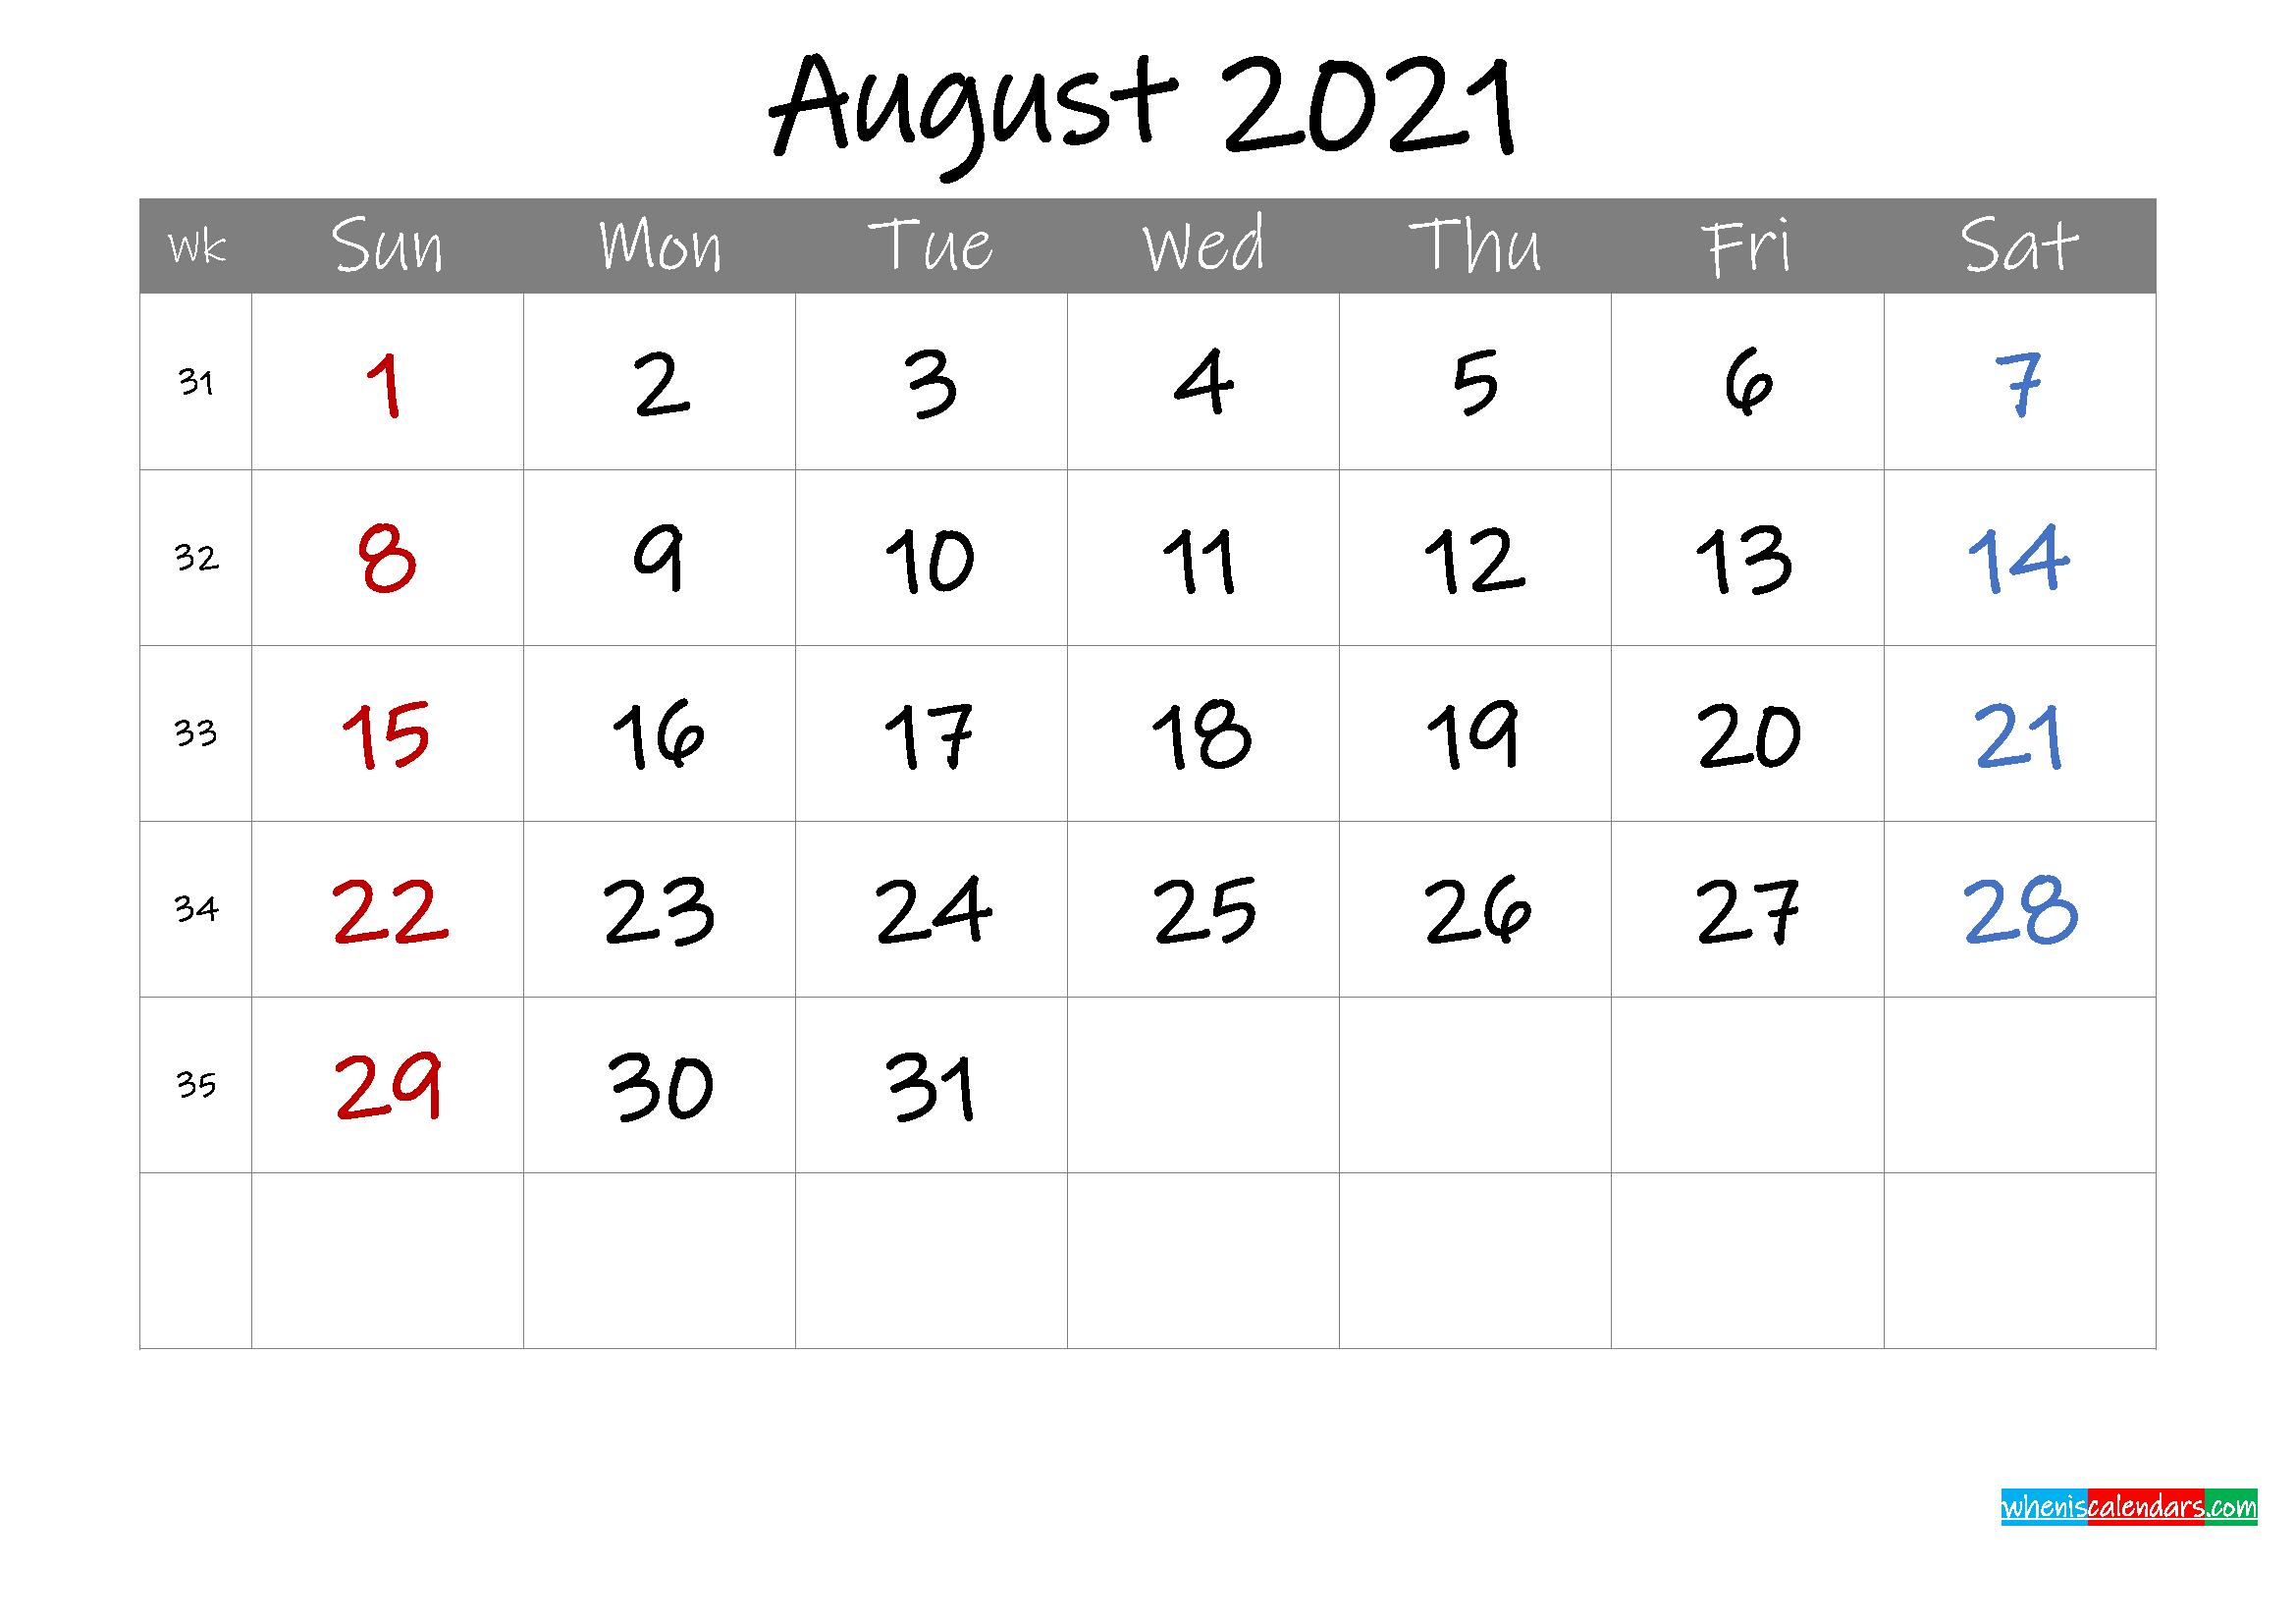 Editable August 2021 Calendar with Holidays